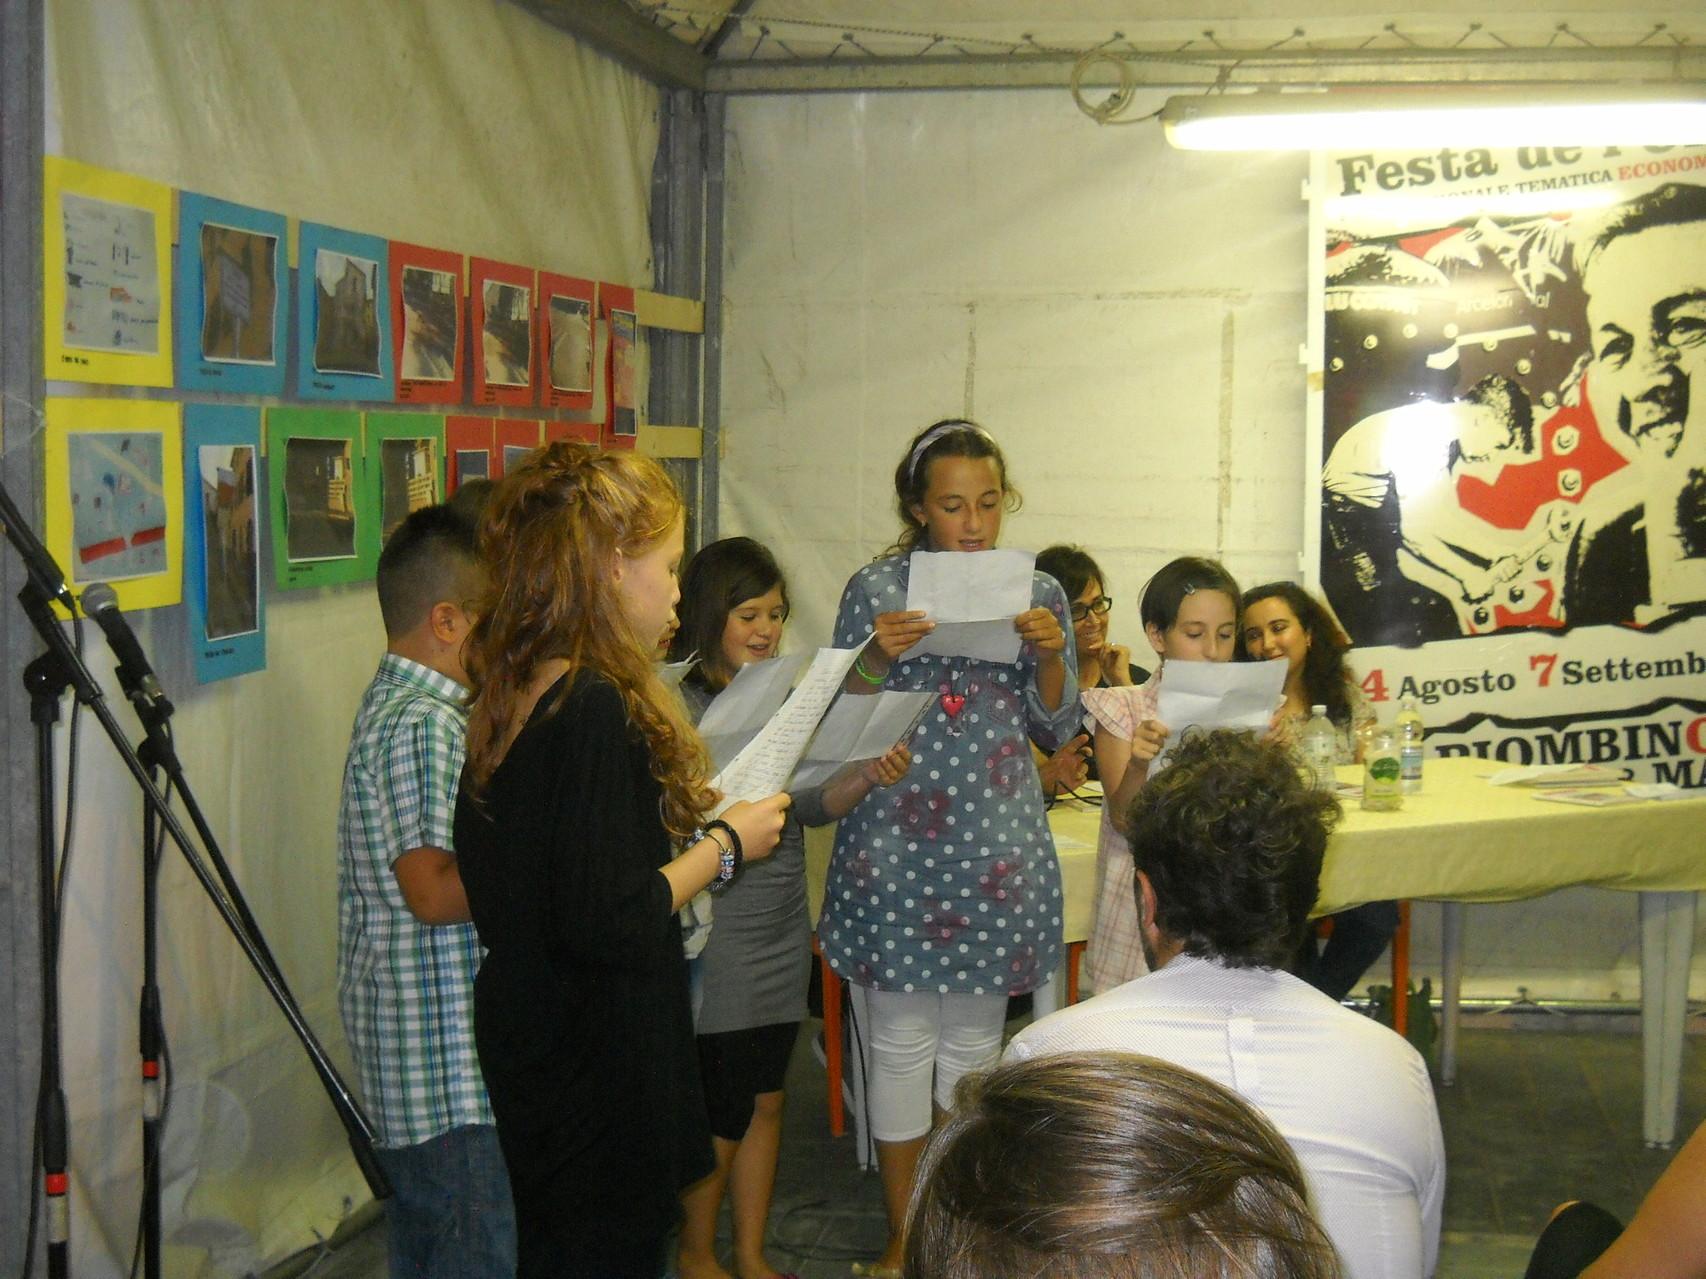 La recitazione collettiva delle poesie da parte dei piccoli attori.